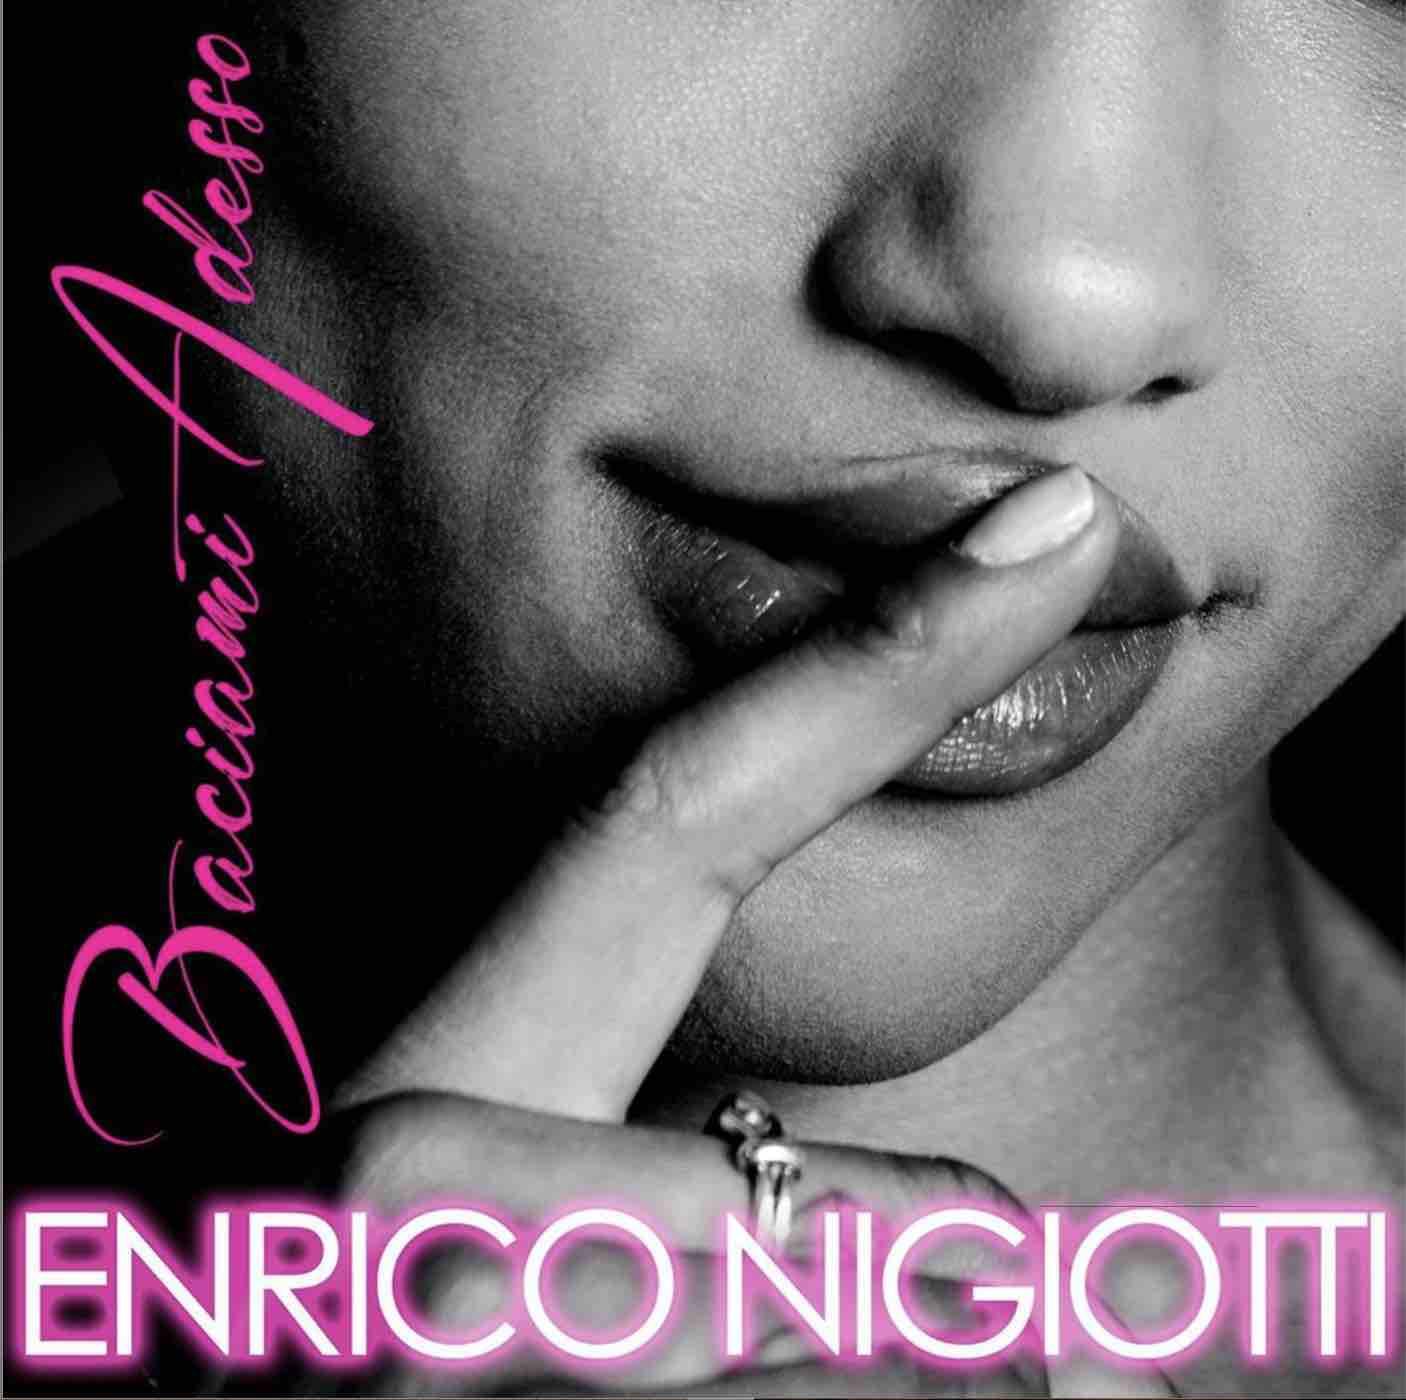 Enrico Nigiotti baciami adesso